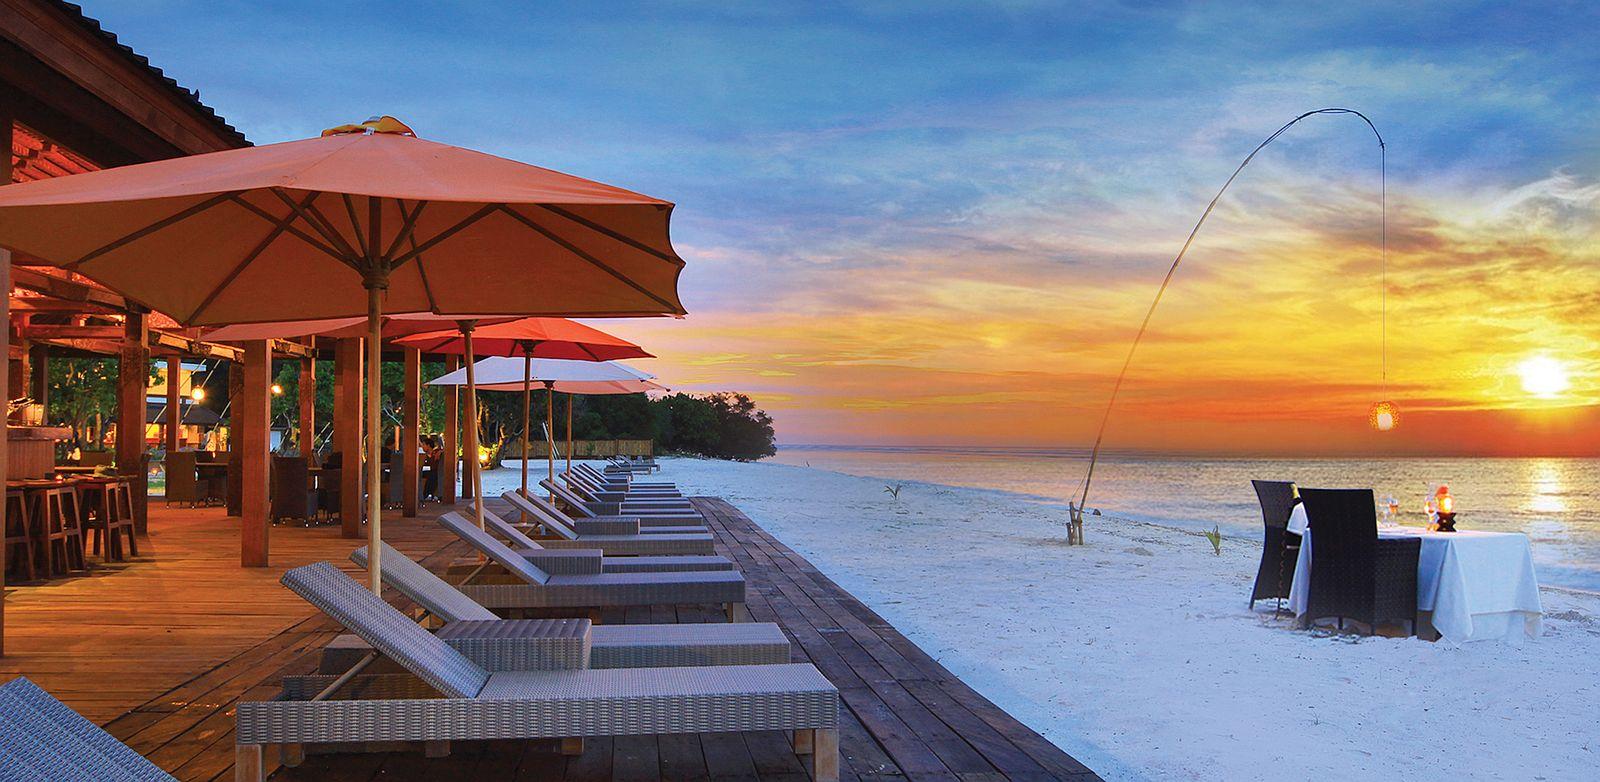 Hotel ombak sunset avstral azija for Sunset lodge